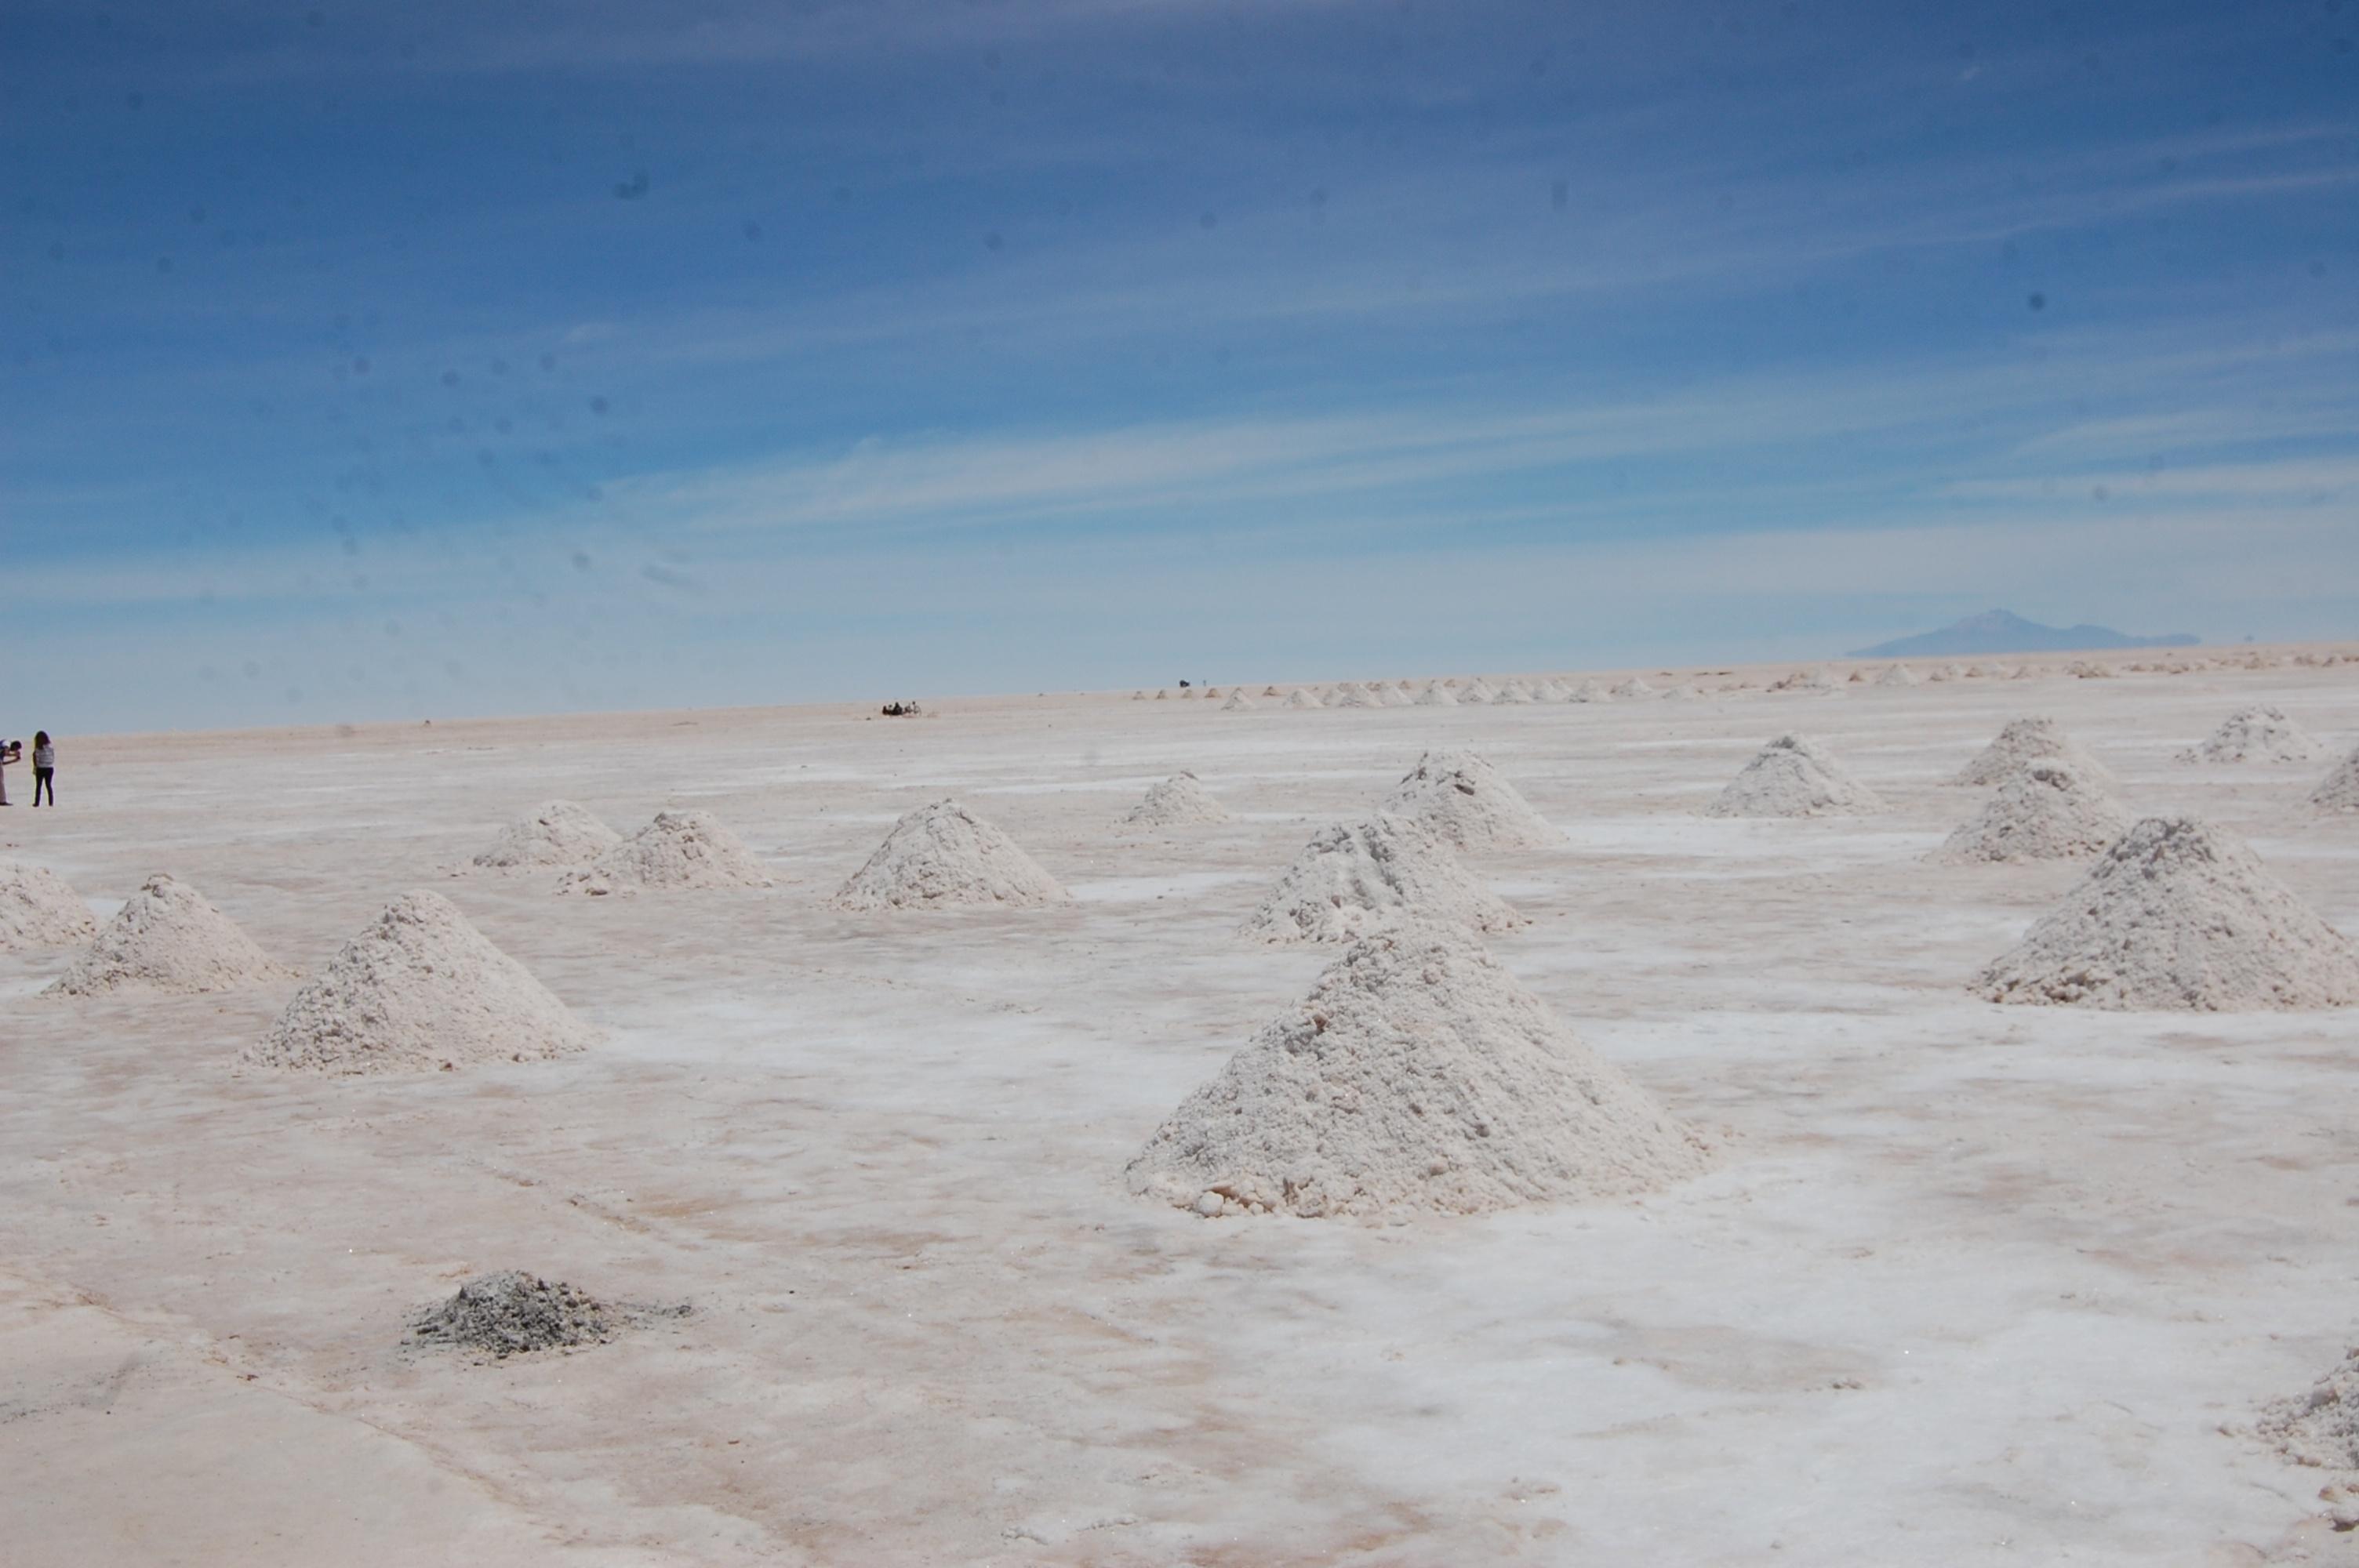 Lithiumabbau im Dreiländereck Chile, Bolivien, Argentinien; Salar de Uyuni